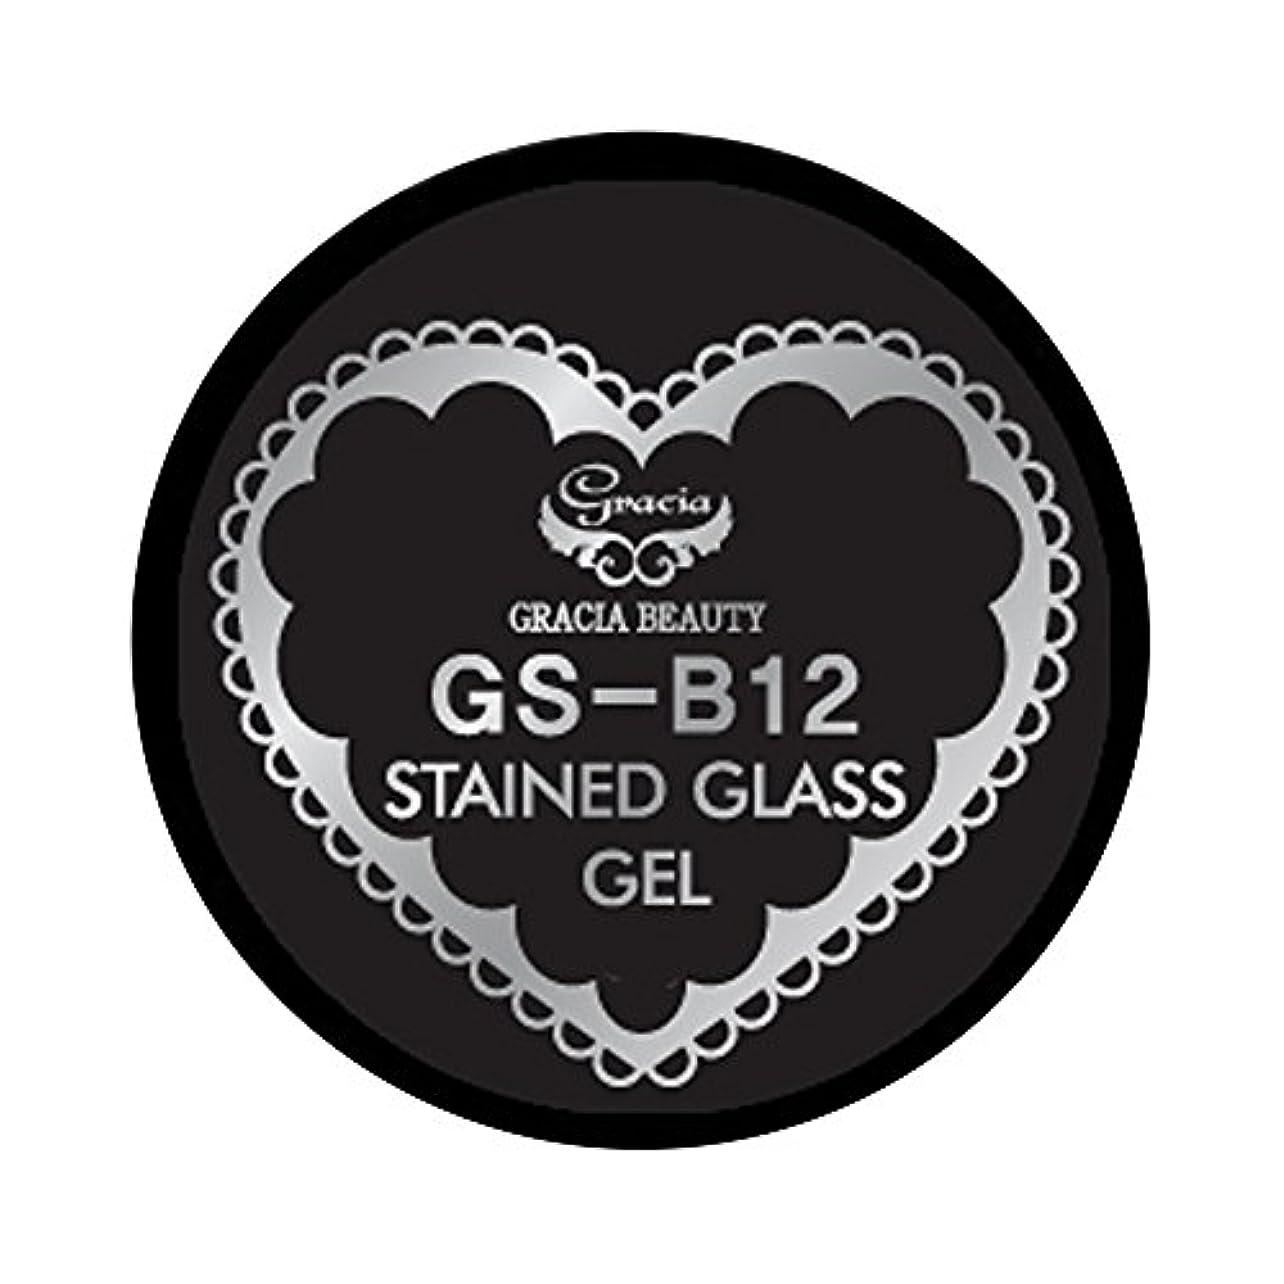 まどろみのある表向き嵐が丘グラシア ジェルネイル ステンドグラスジェル GSM-B12 3g  ベーシック UV/LED対応 カラージェル ソークオフジェル ガラスのような透明感